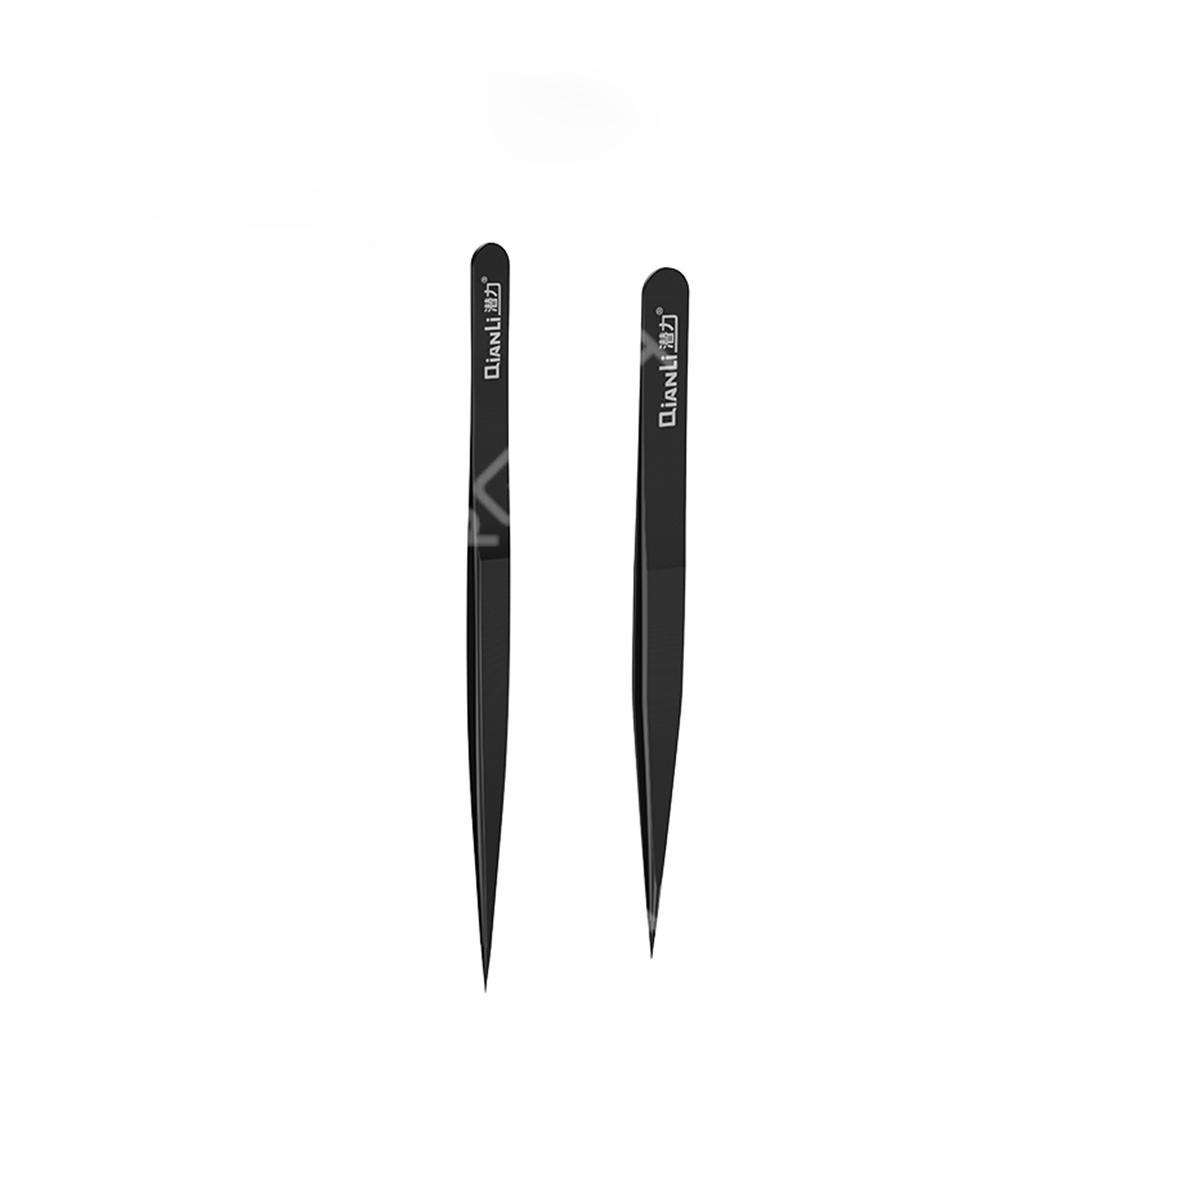 Qianli iNeezy Ultra Fine Tweezer (Non-magnetic Stainless)